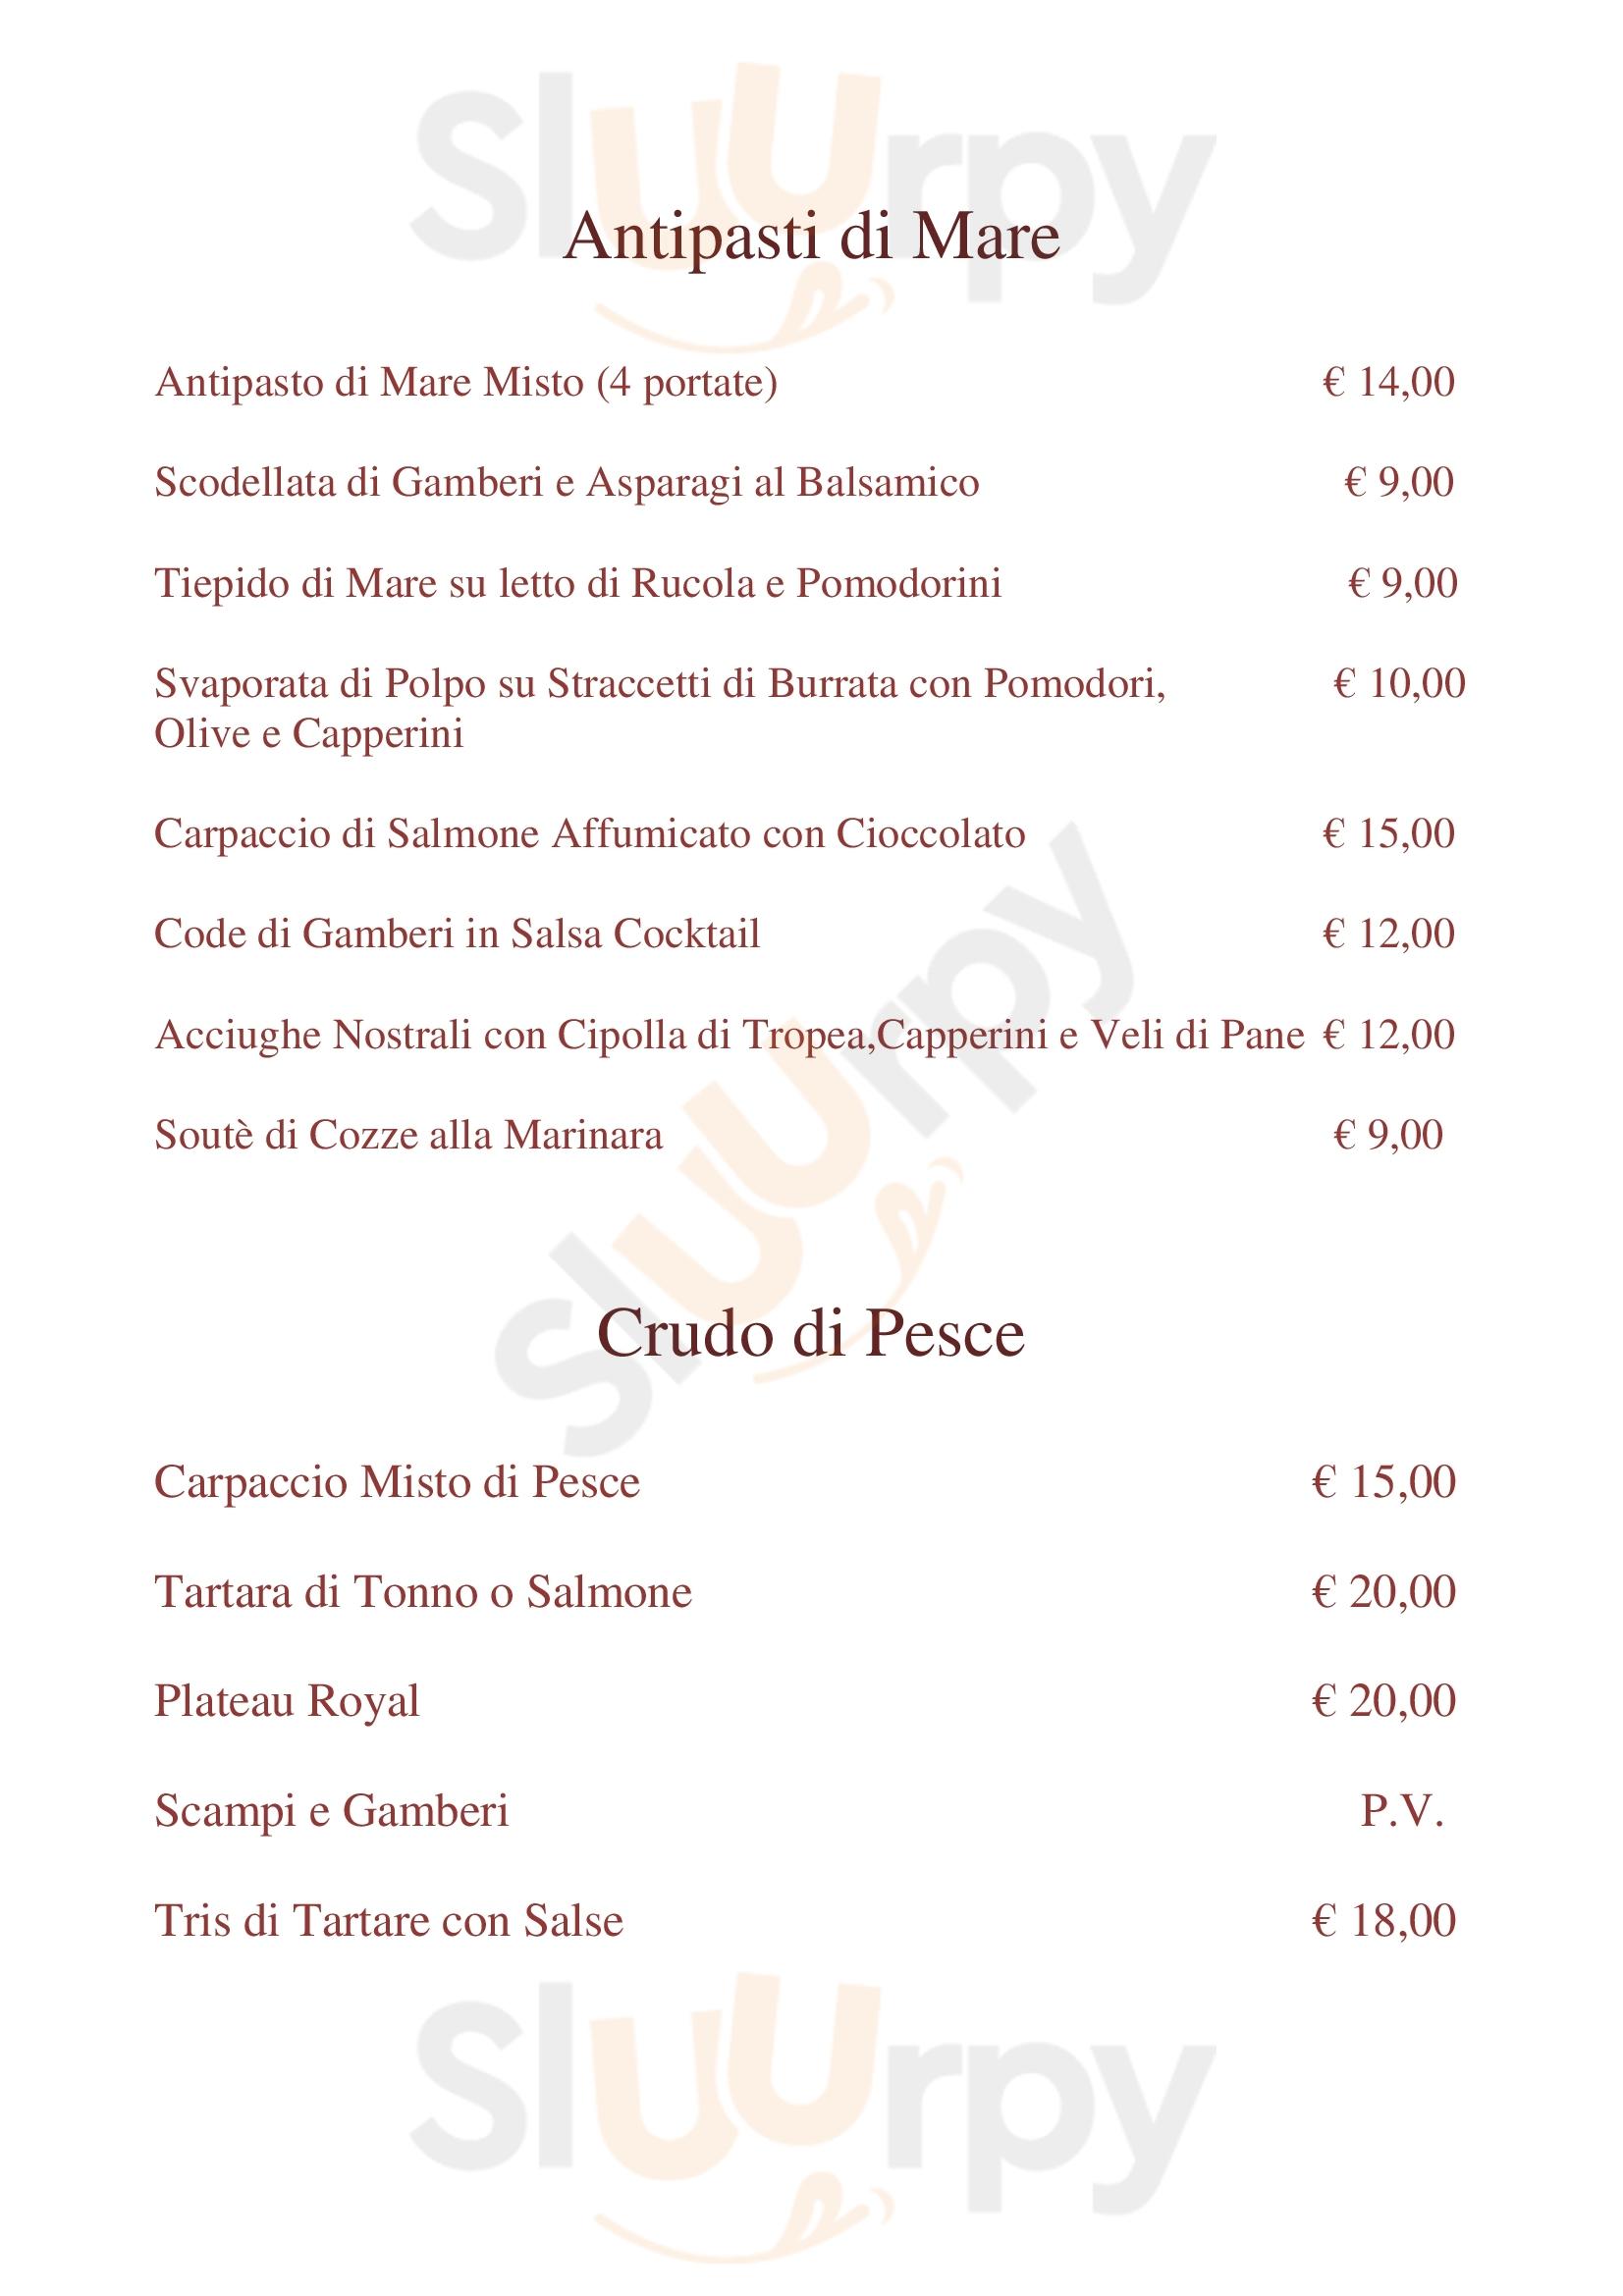 Ristorante Il Mercante Prato menù 1 pagina